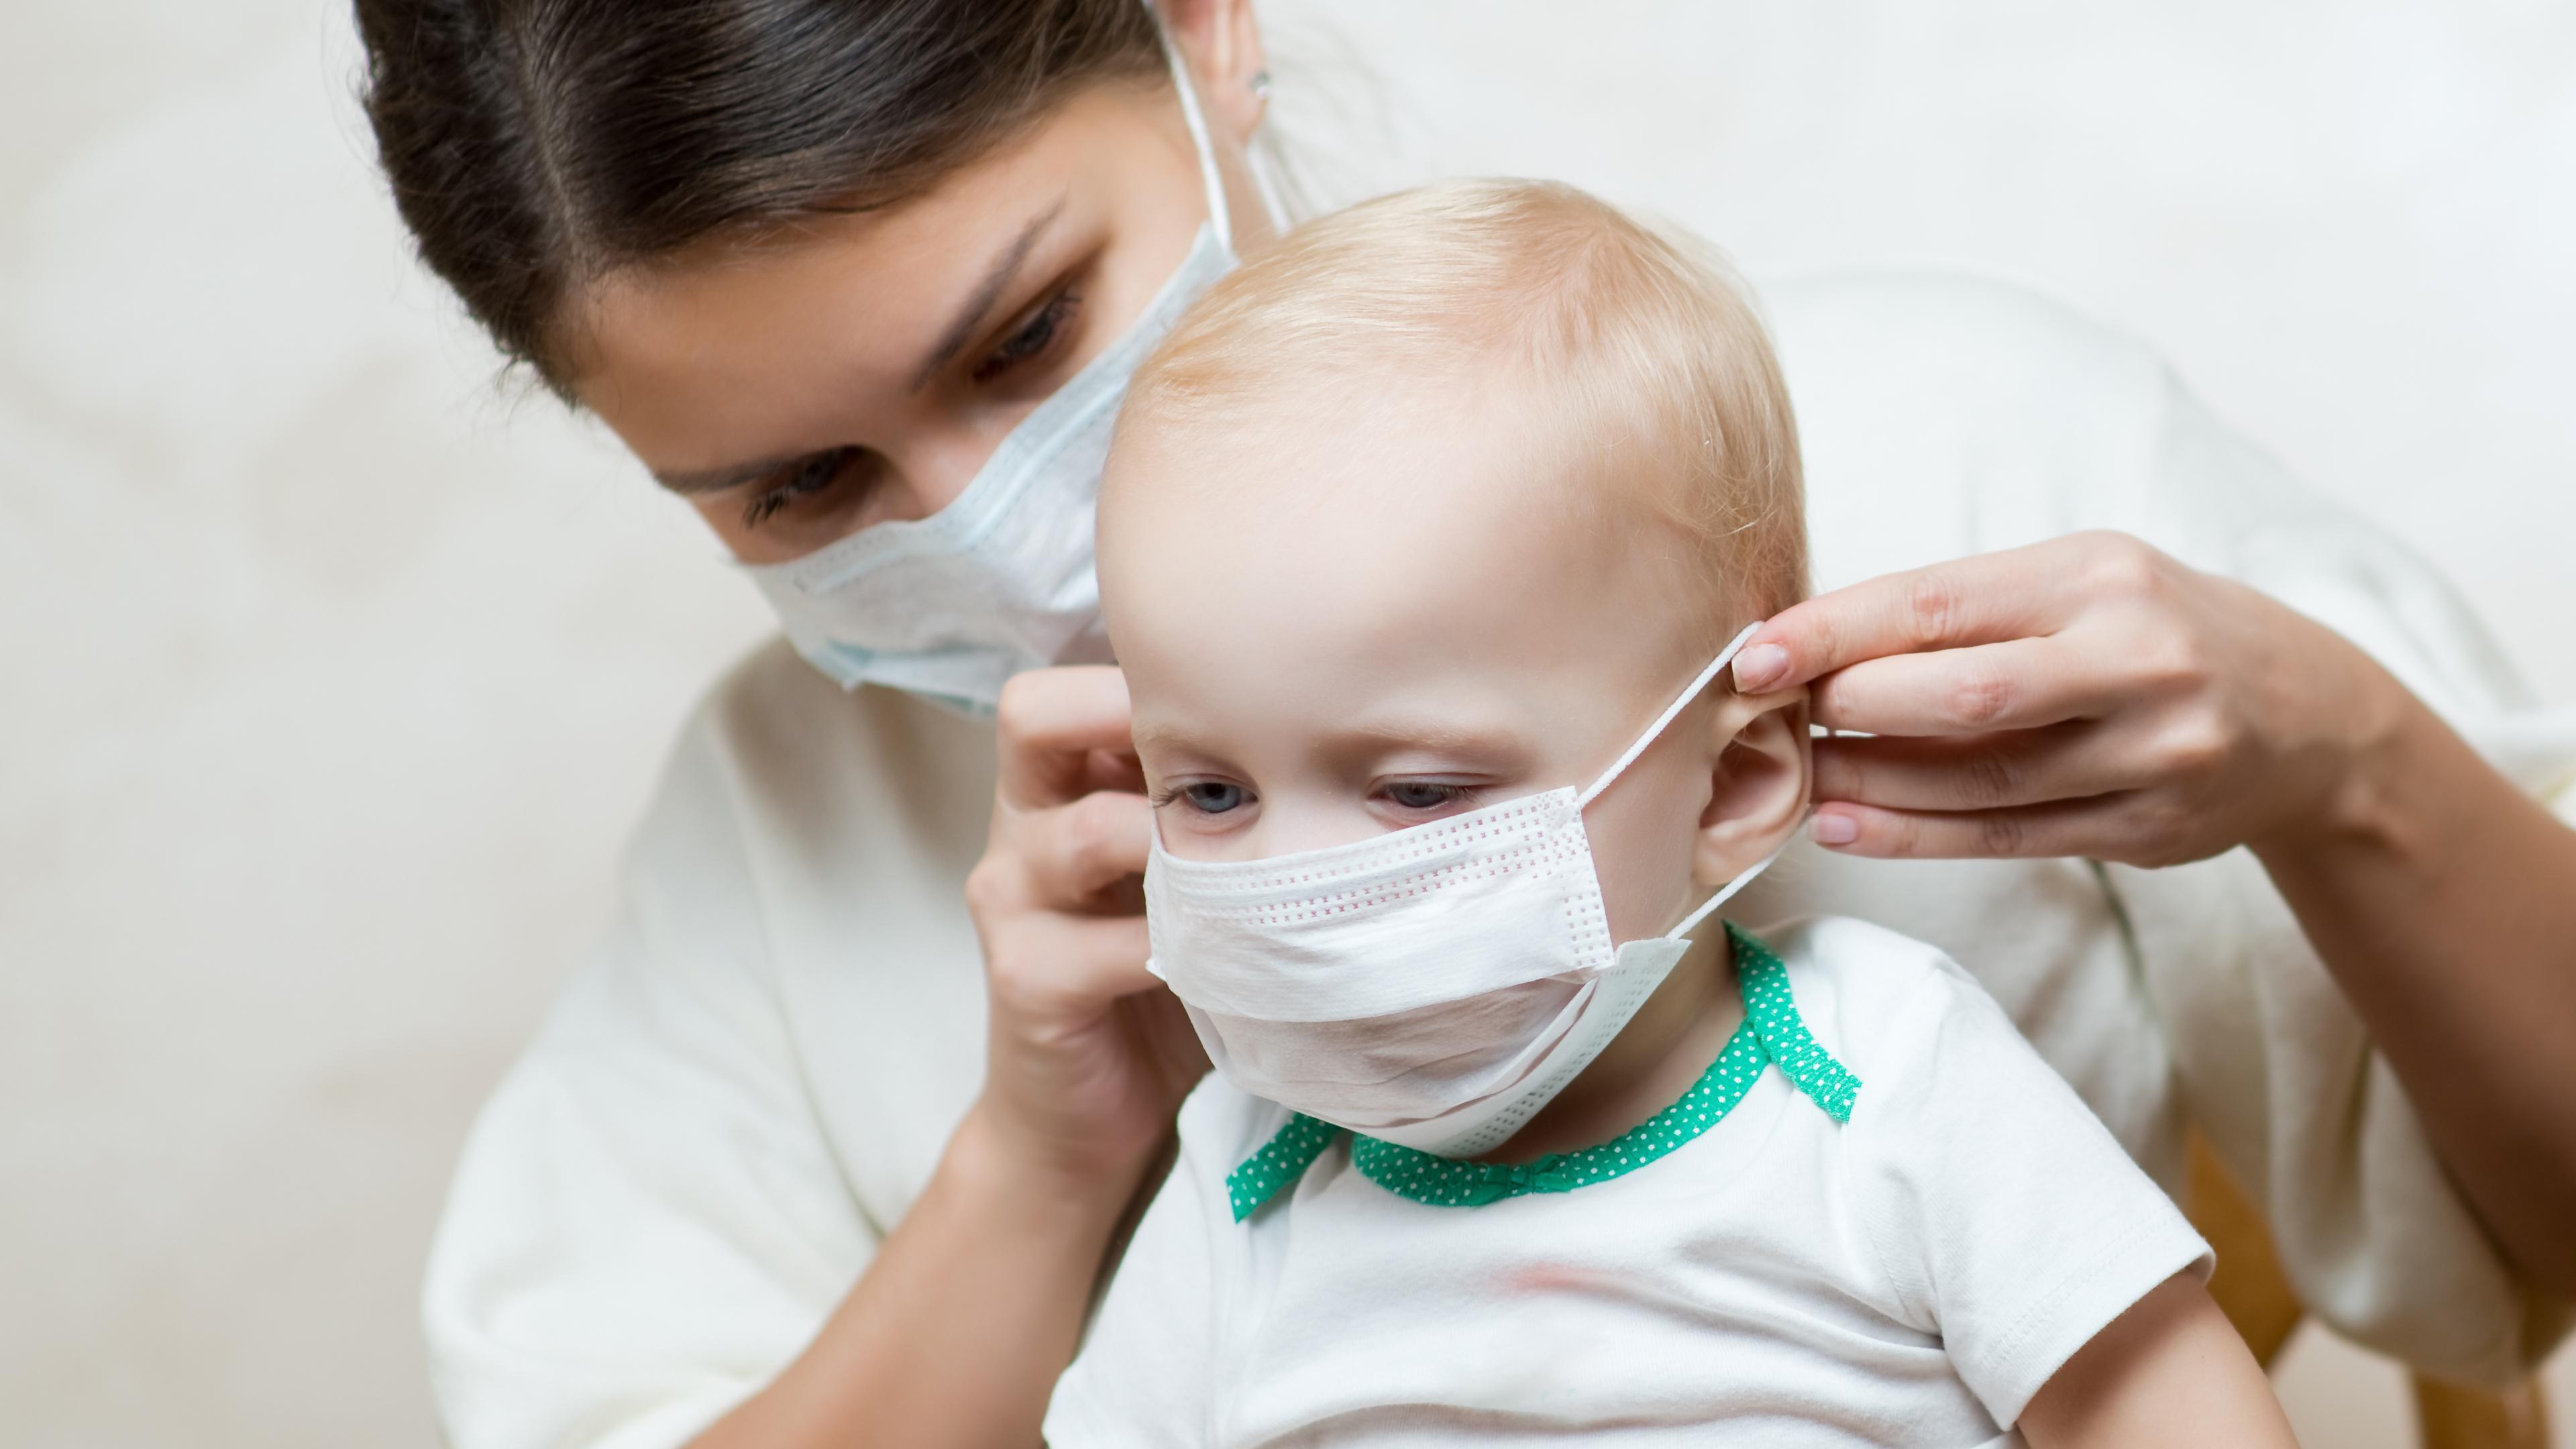 У родившихся во время пандемии детей в США снижен уровень интеллекта